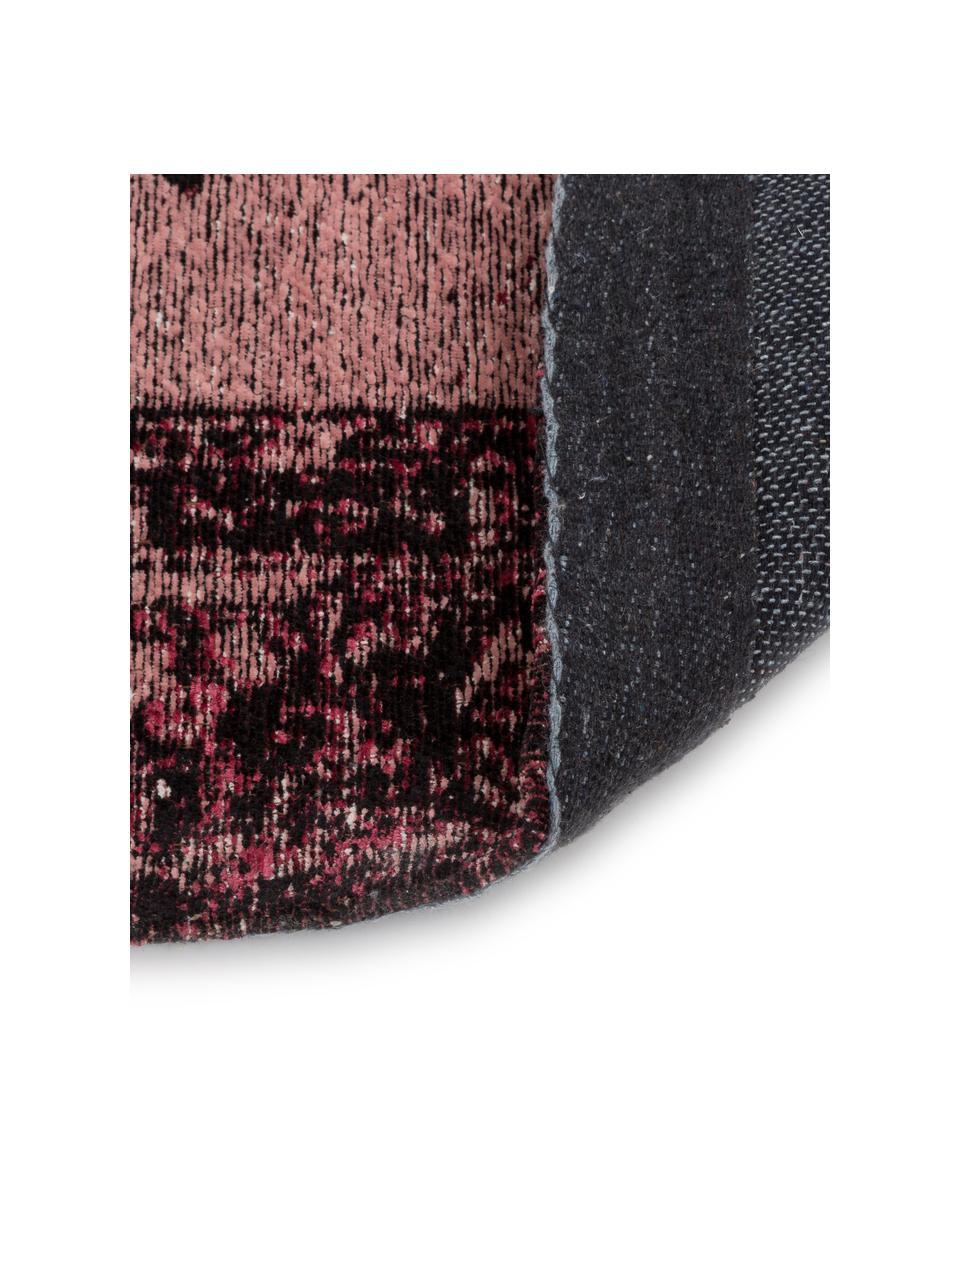 Vintage Chenilleteppich Milan in Rosa, handgewebt, Flor: 95% Baumwolle, 5% Polyest, Beerenfarben, Schwarz, Creme, B 120 x L 180 cm (Größe S)